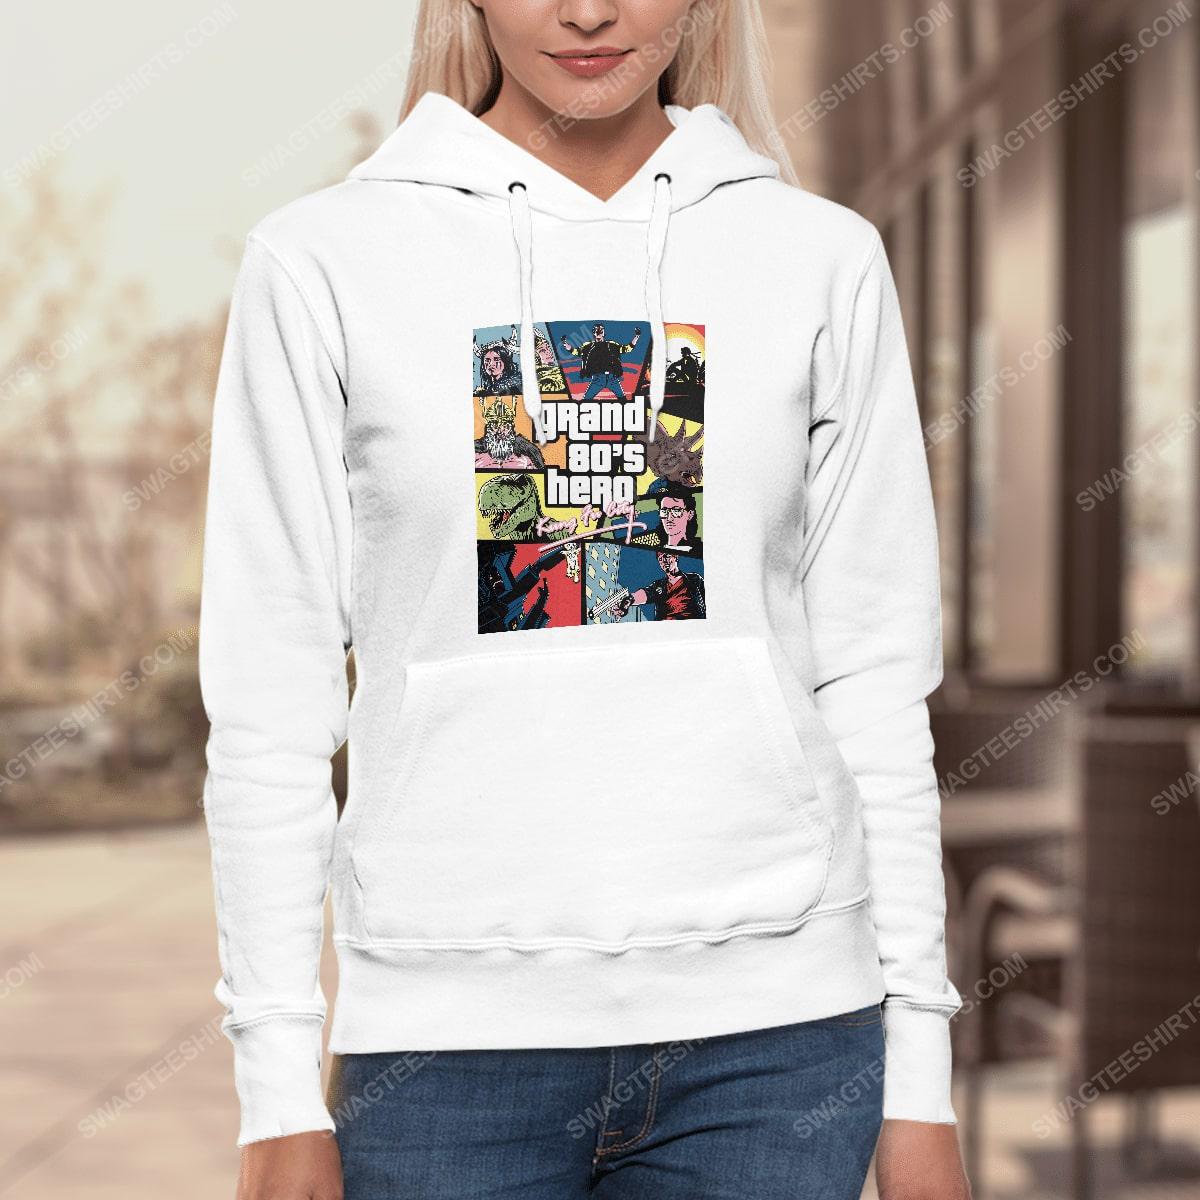 Grand 80's hero kung fu city hoodie 1(1)